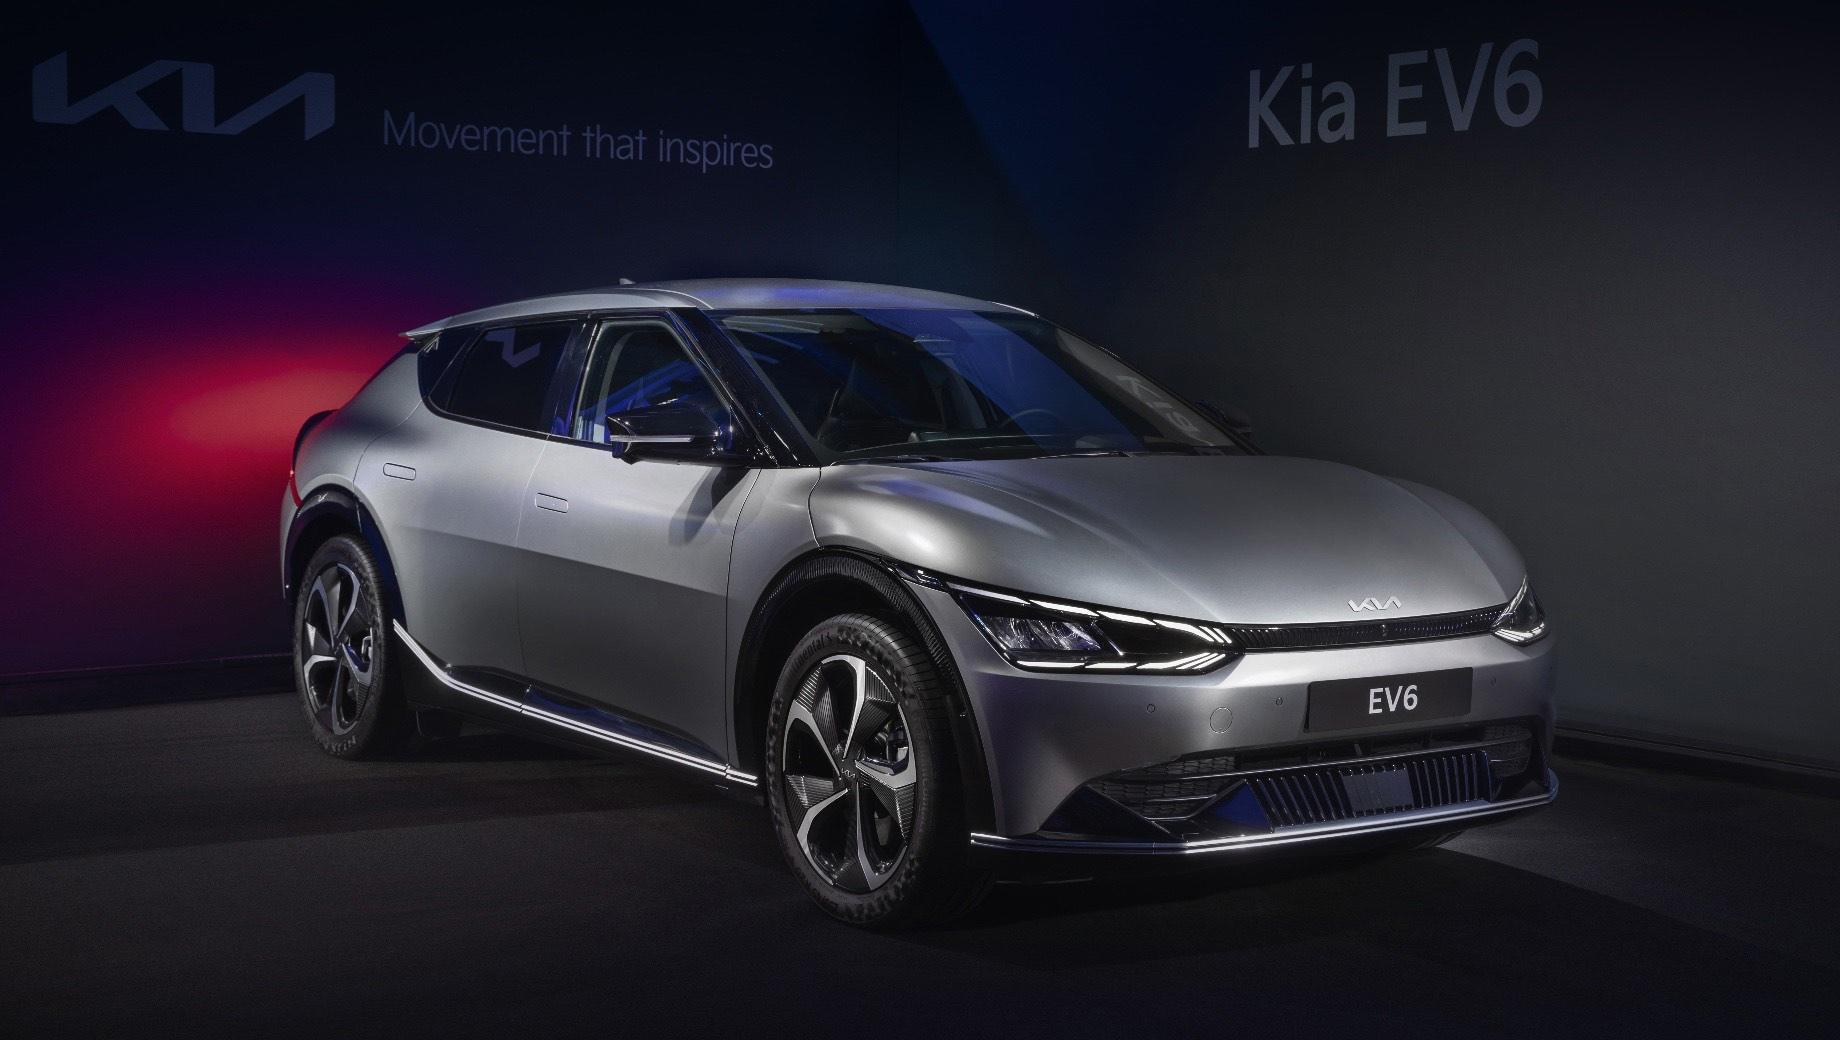 Российские продажи электрокара Kia EV6 начнутся в 2022 году